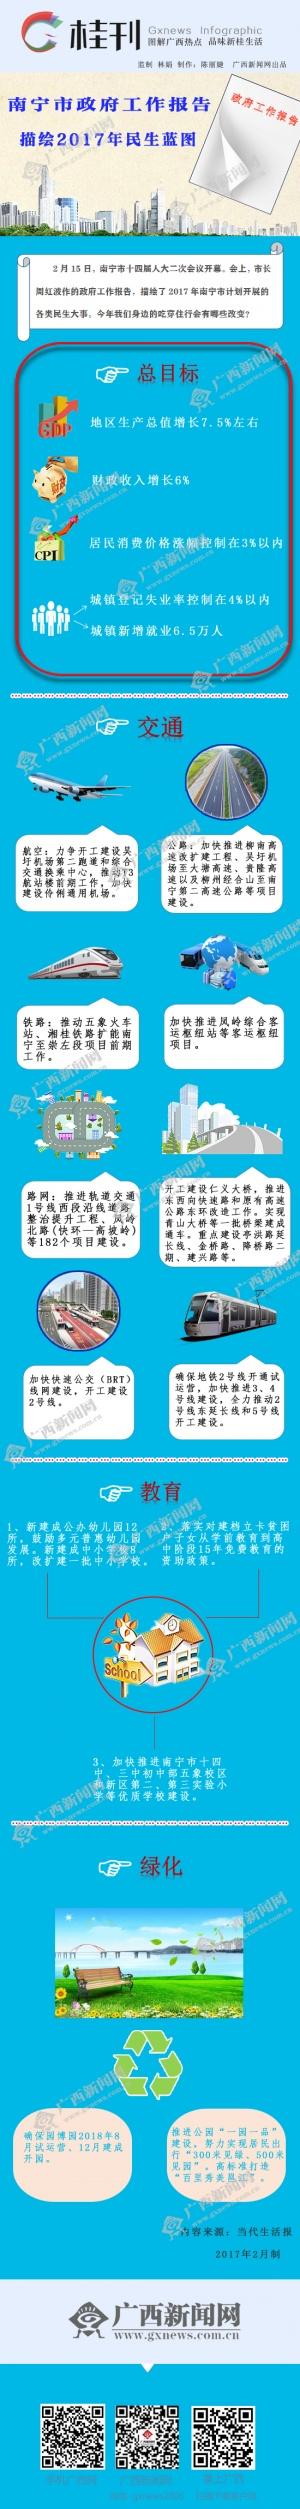 【桂刊】南宁市描绘2017年民生蓝图